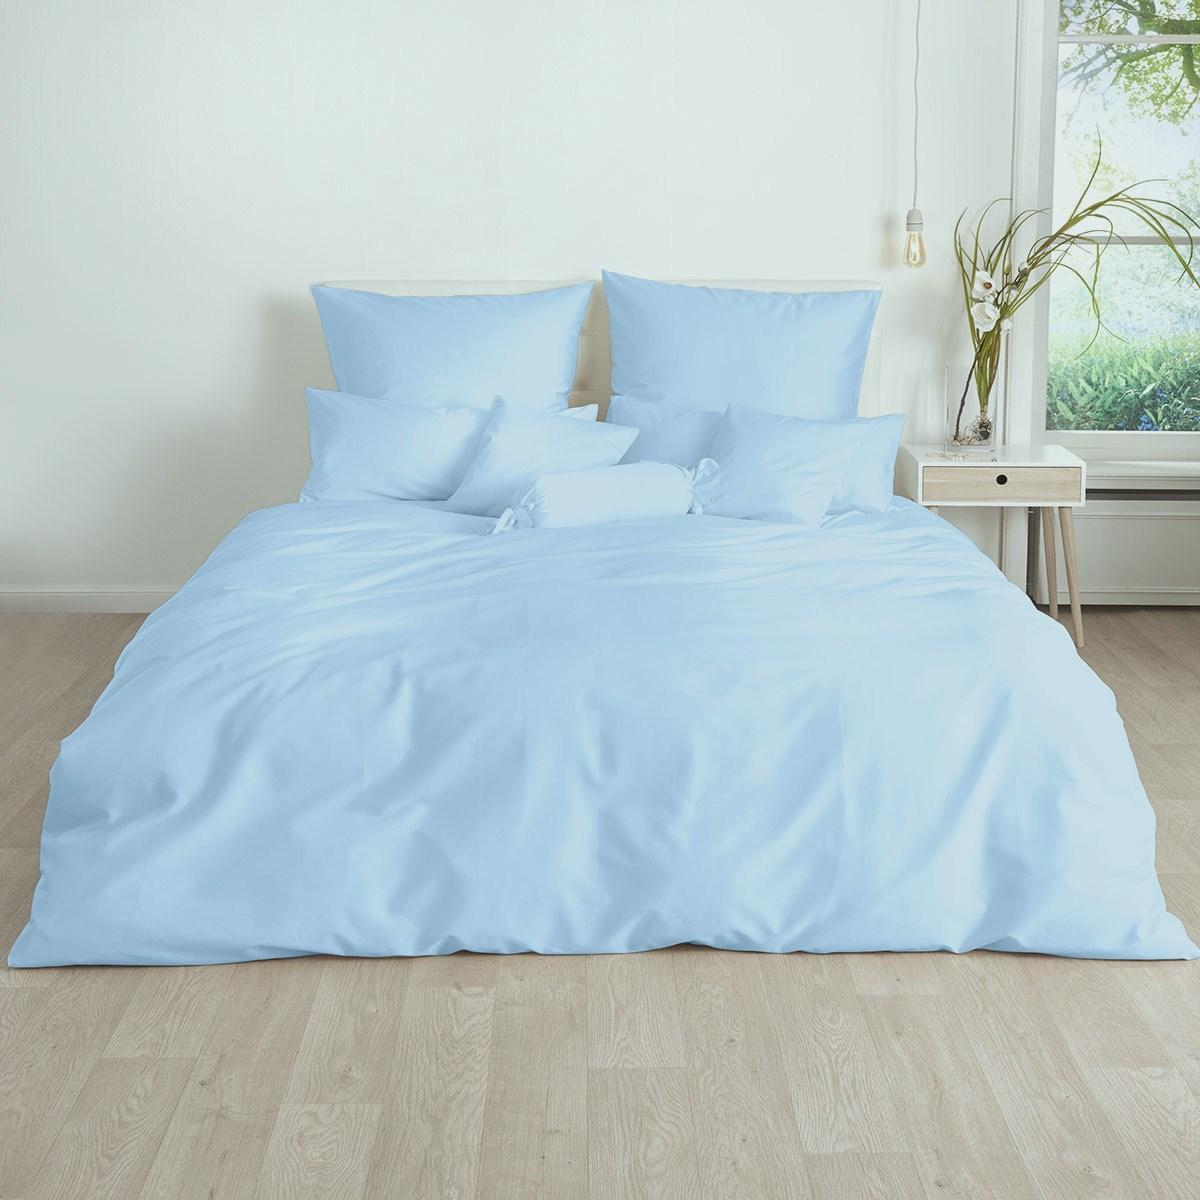 Постельное белье Небесно-голубой поплин ТМ Царский дом  (Двуспальный)